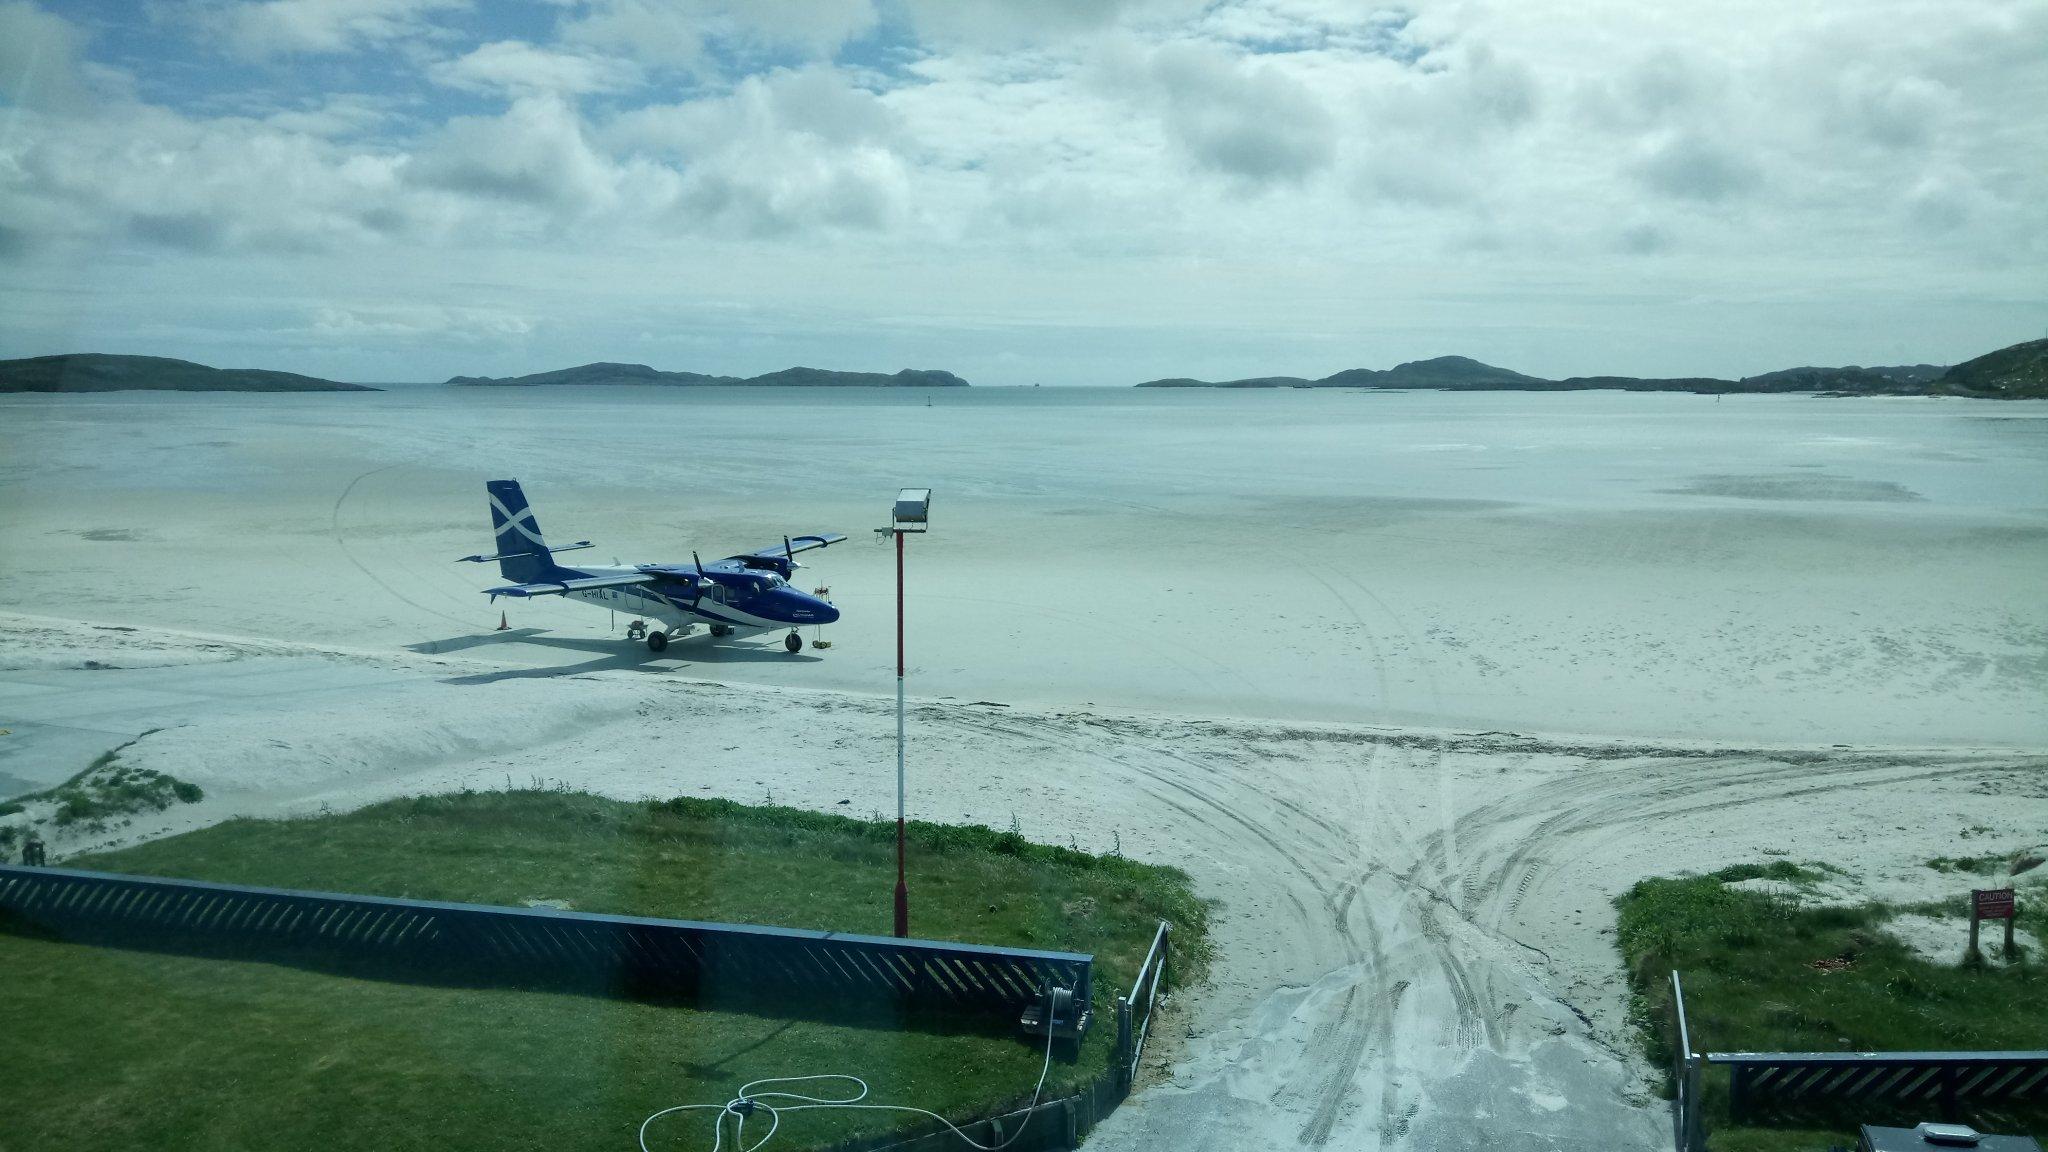 El extraño aeropuerto cuya pista desaparece dos veces al día